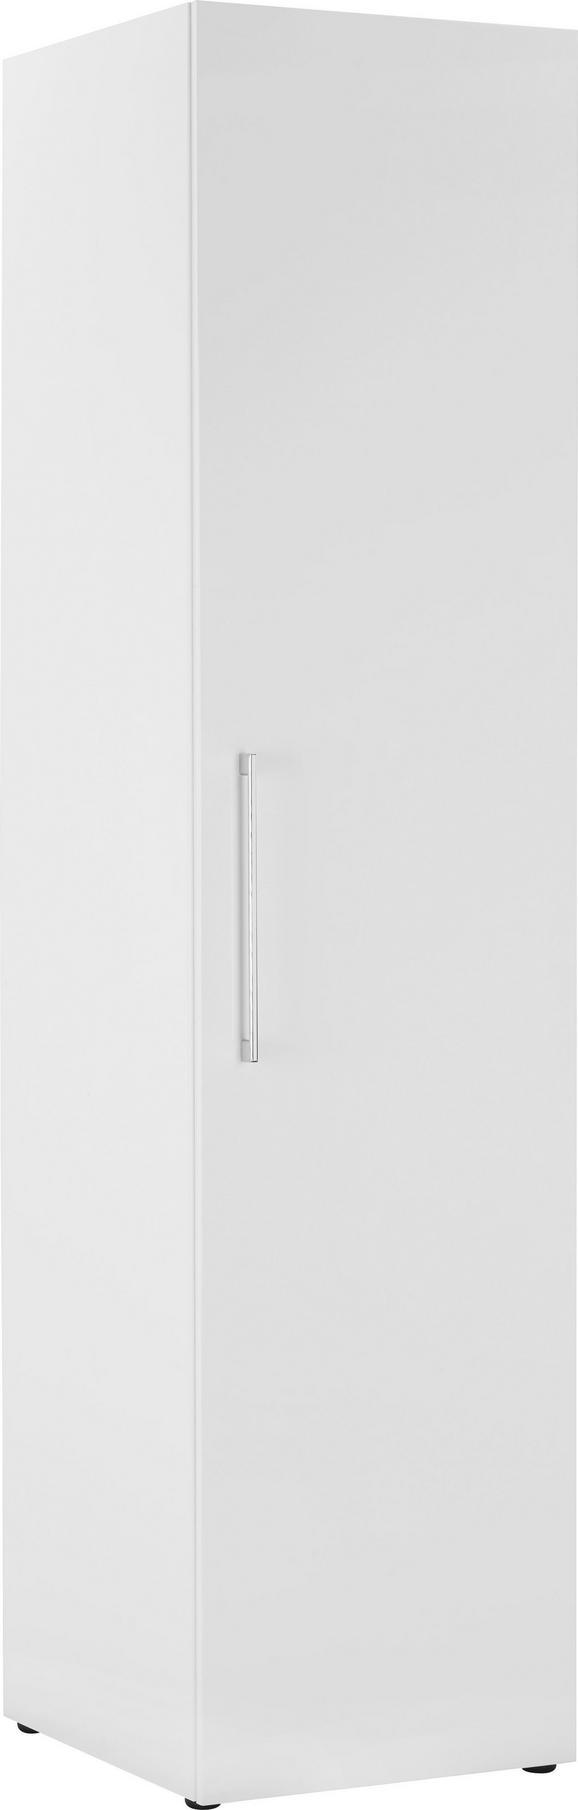 Drehtürenschrank Kristallweiß Hochglanz - Edelstahlfarben/Weiß, MODERN, Holzwerkstoff/Metall (50/206/57cm) - Modern Living